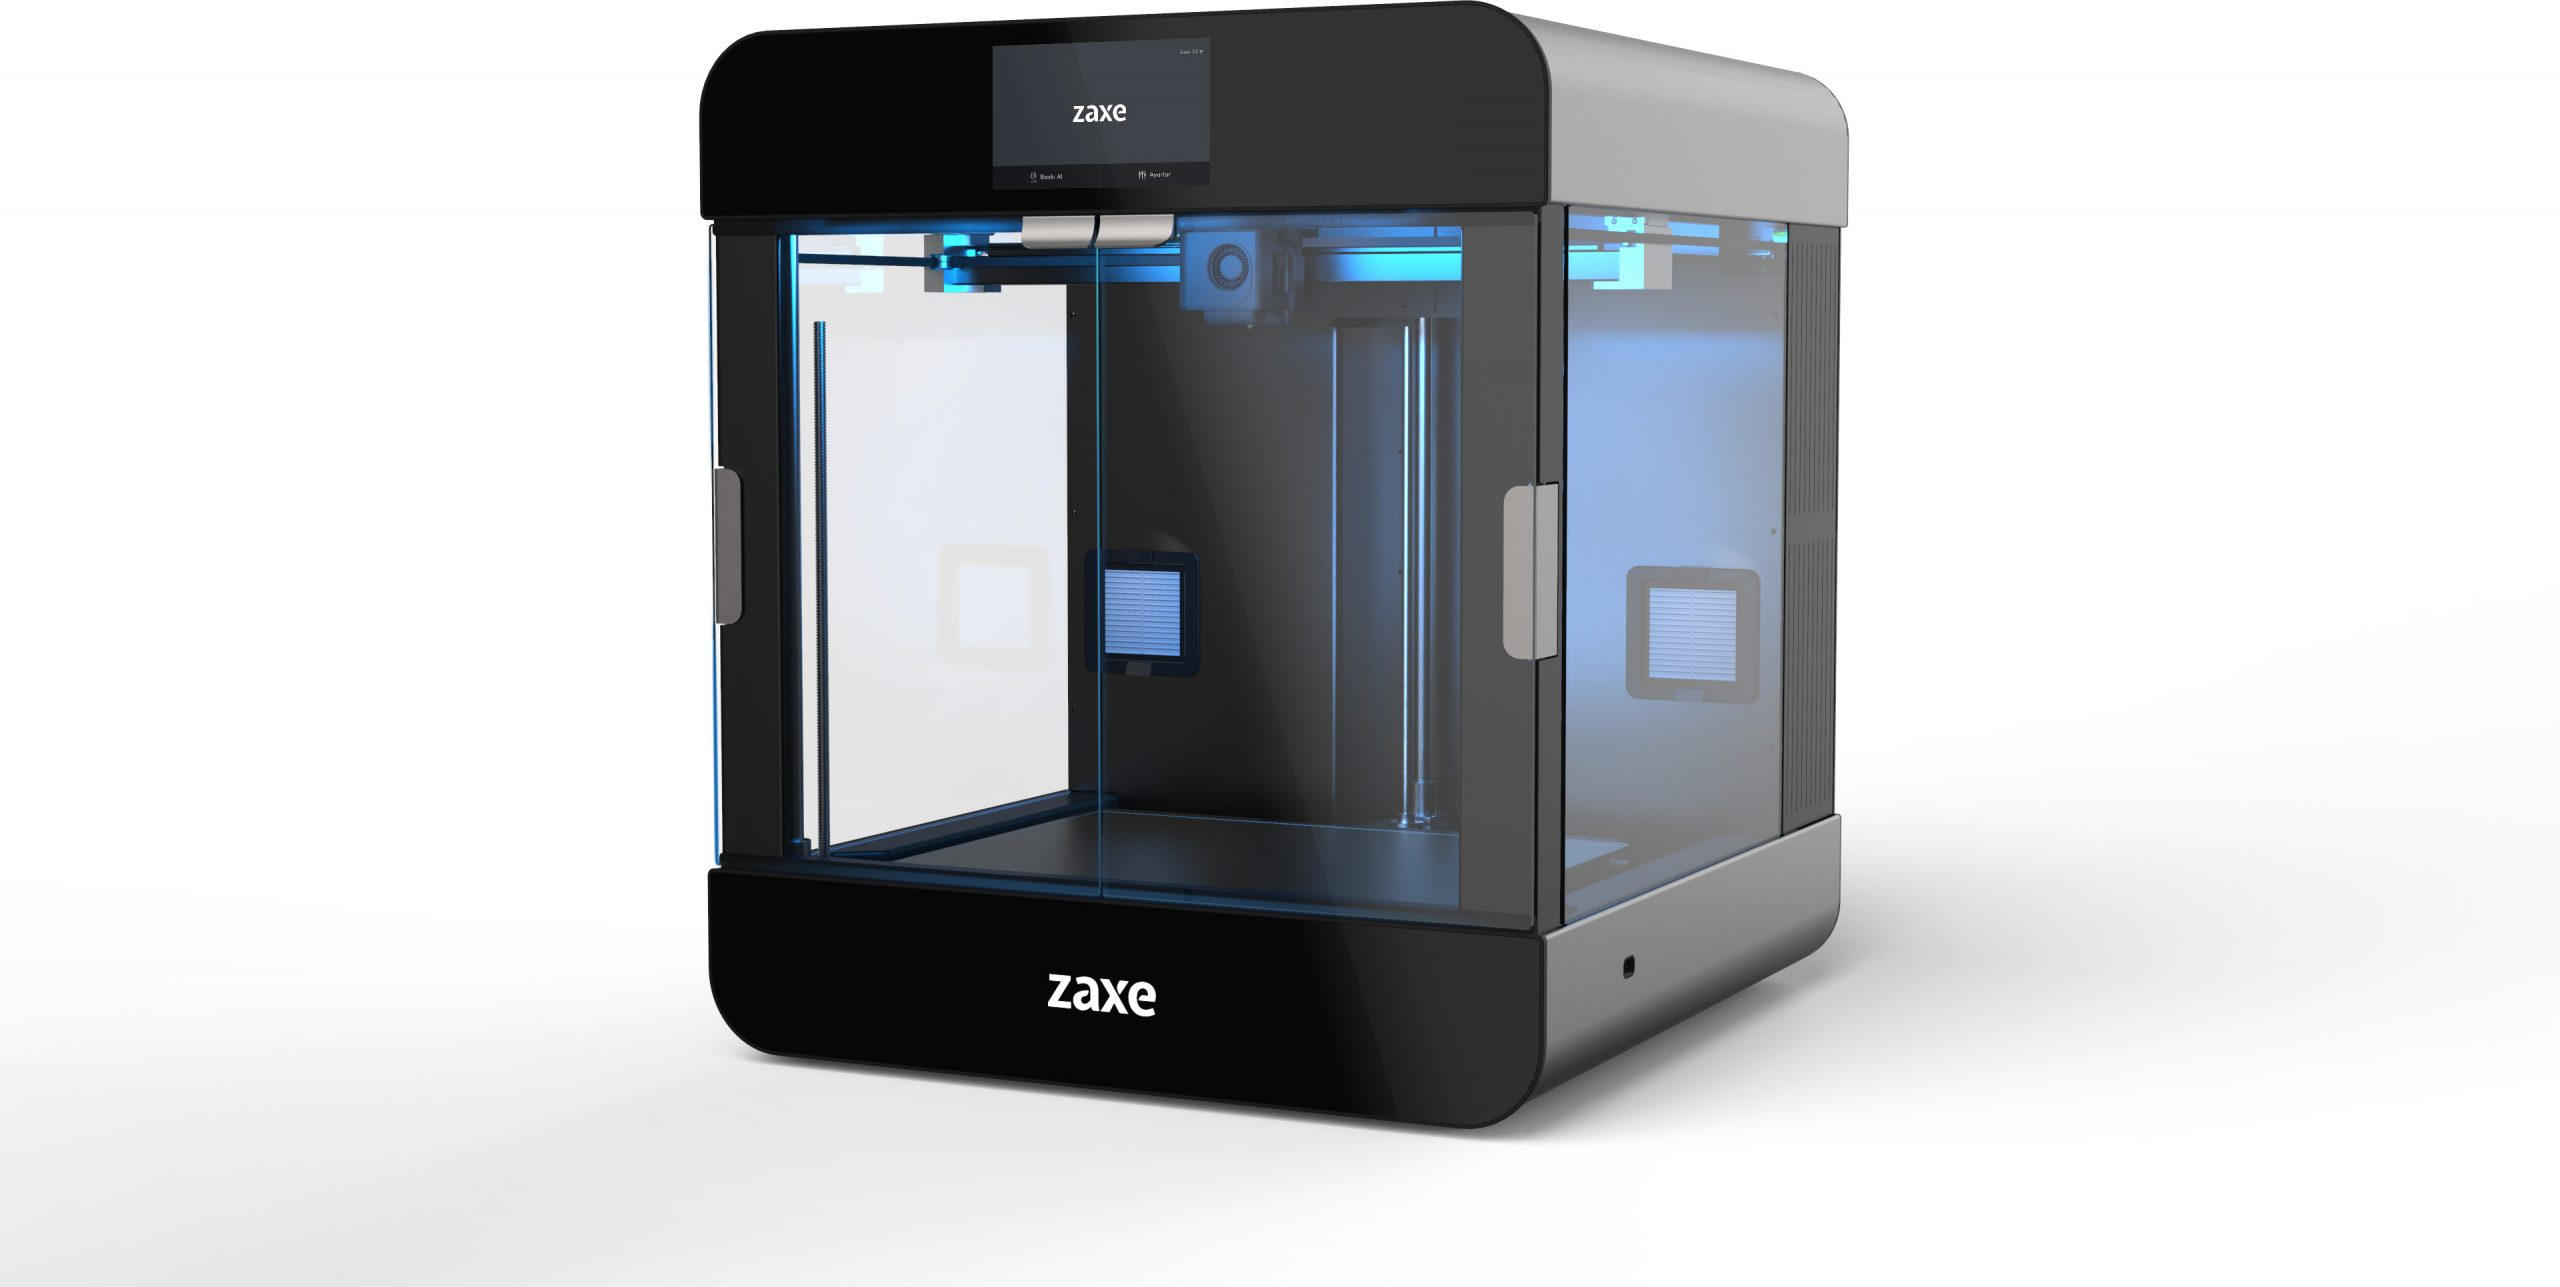 The Zaxe Z3 3D printer. Photo via Zaxe.